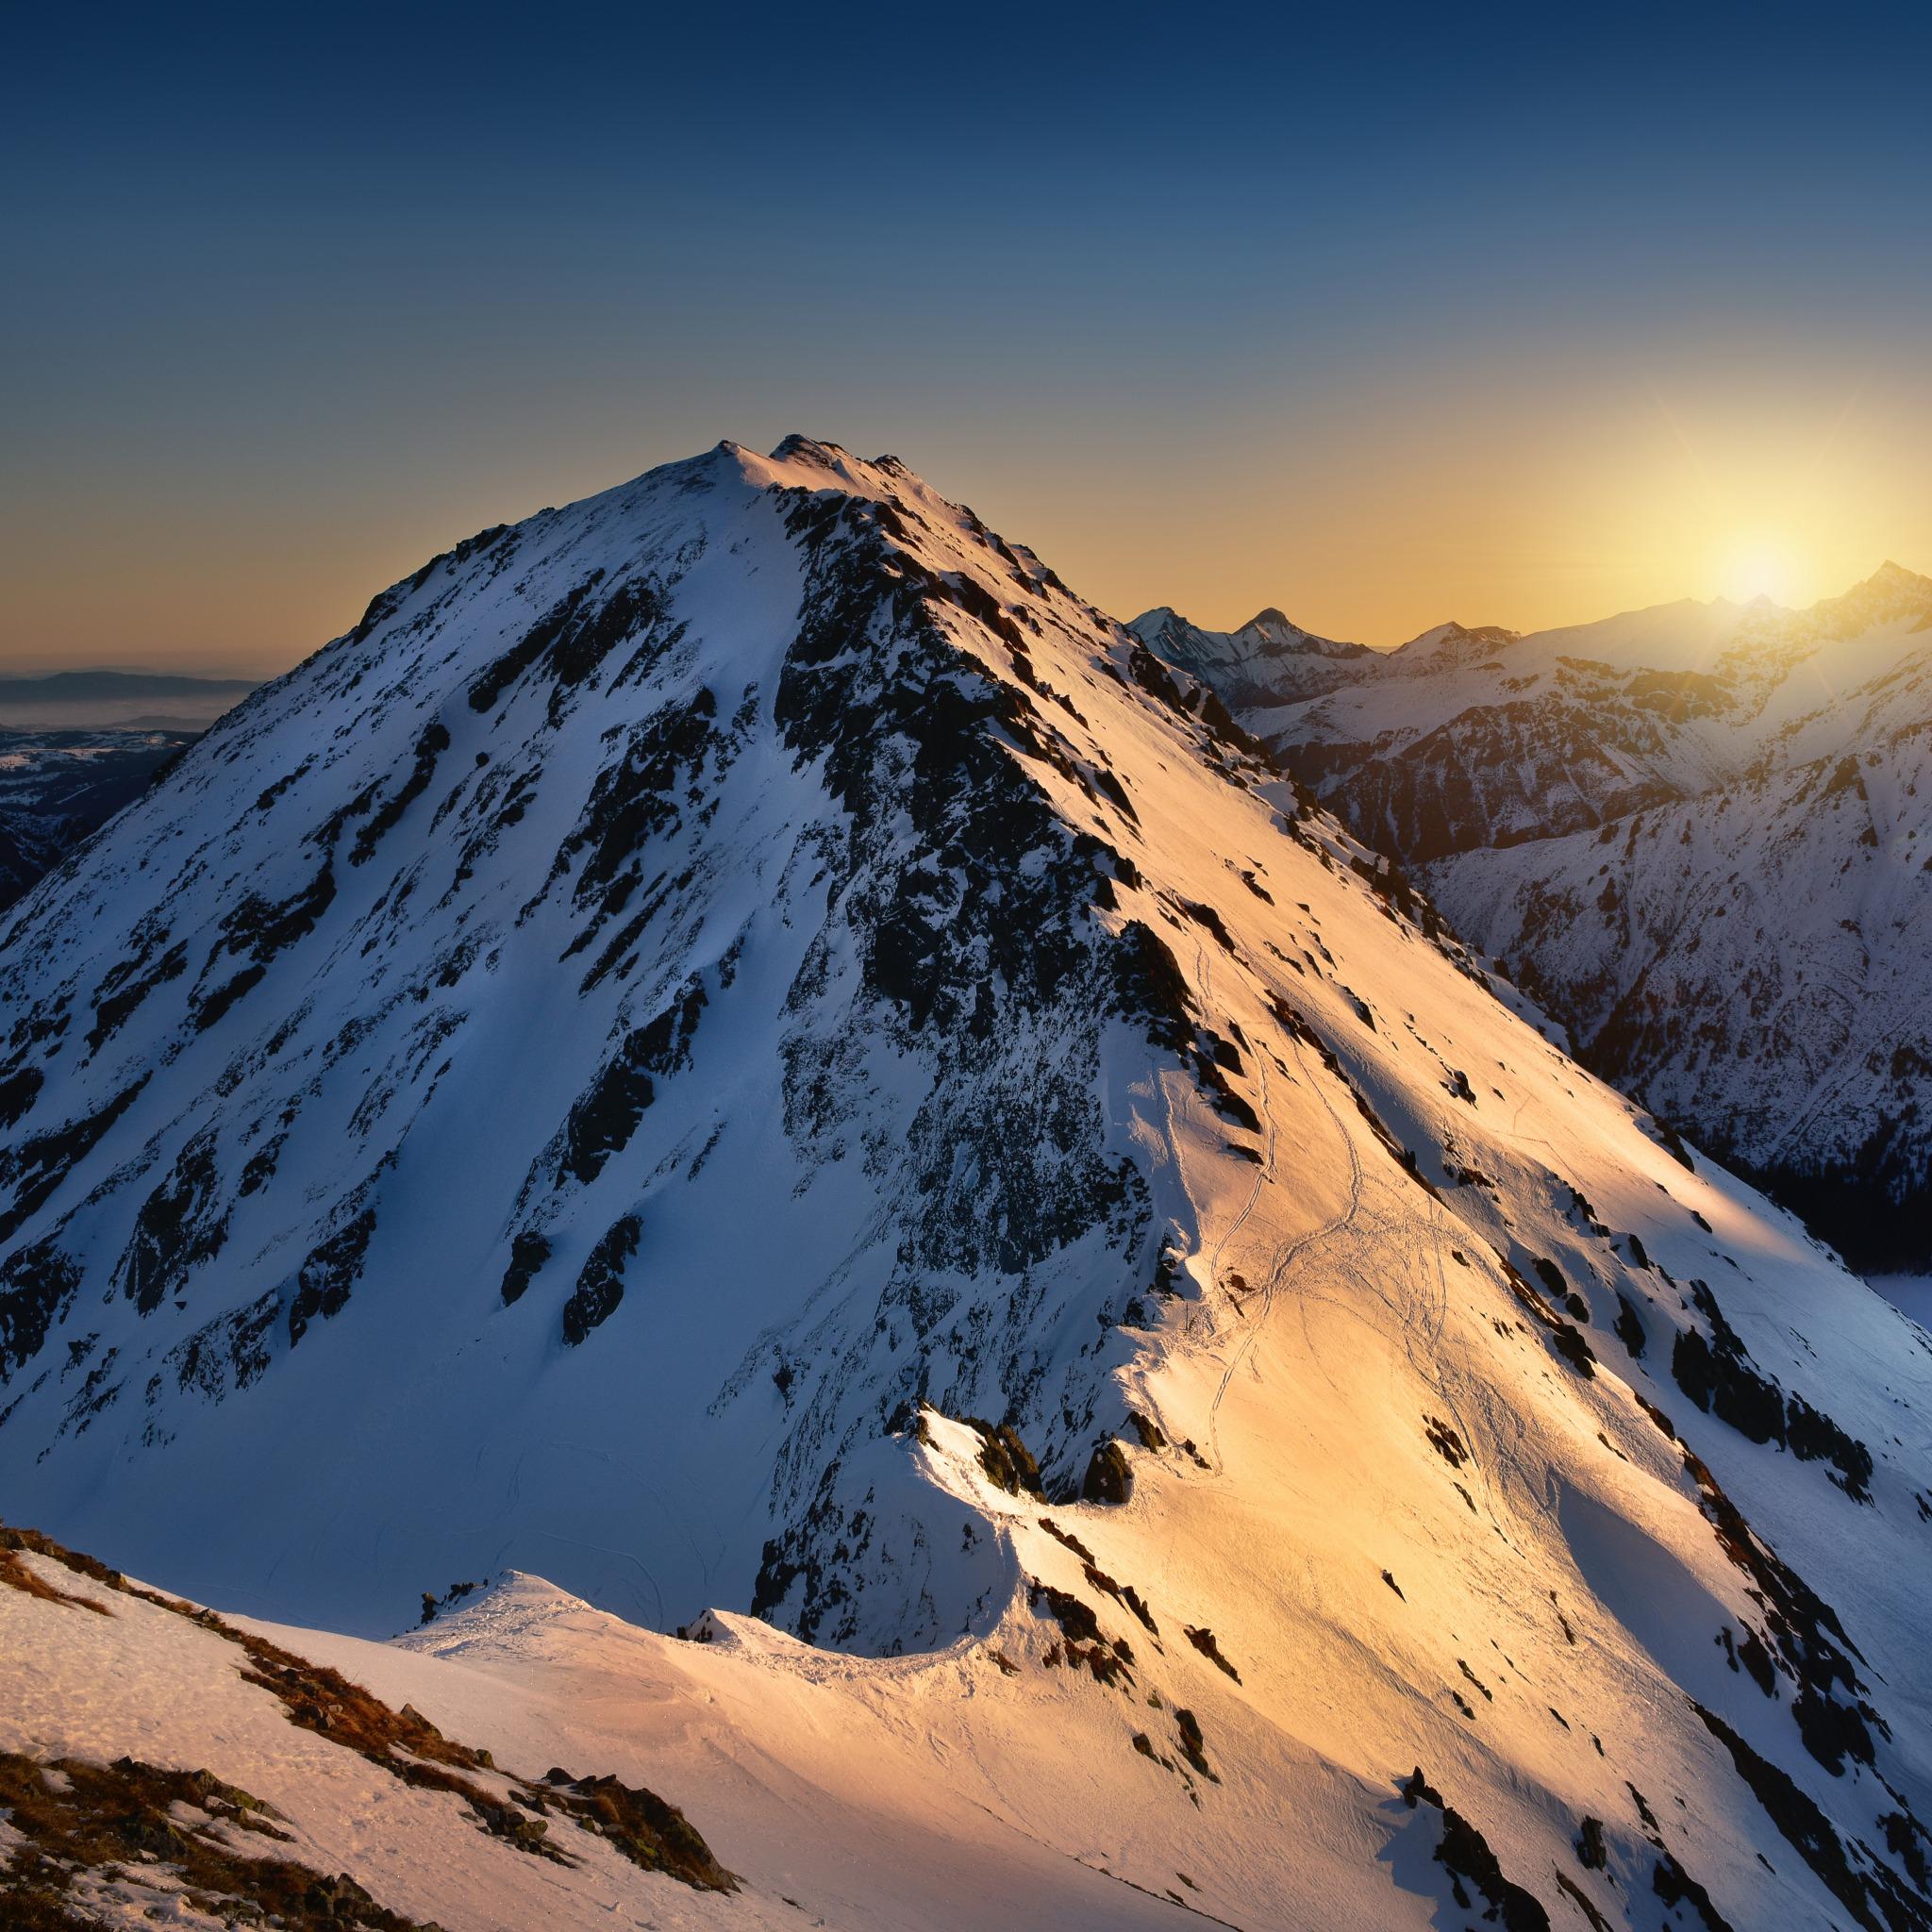 дракон фото как фотографировать снежные горы владельца